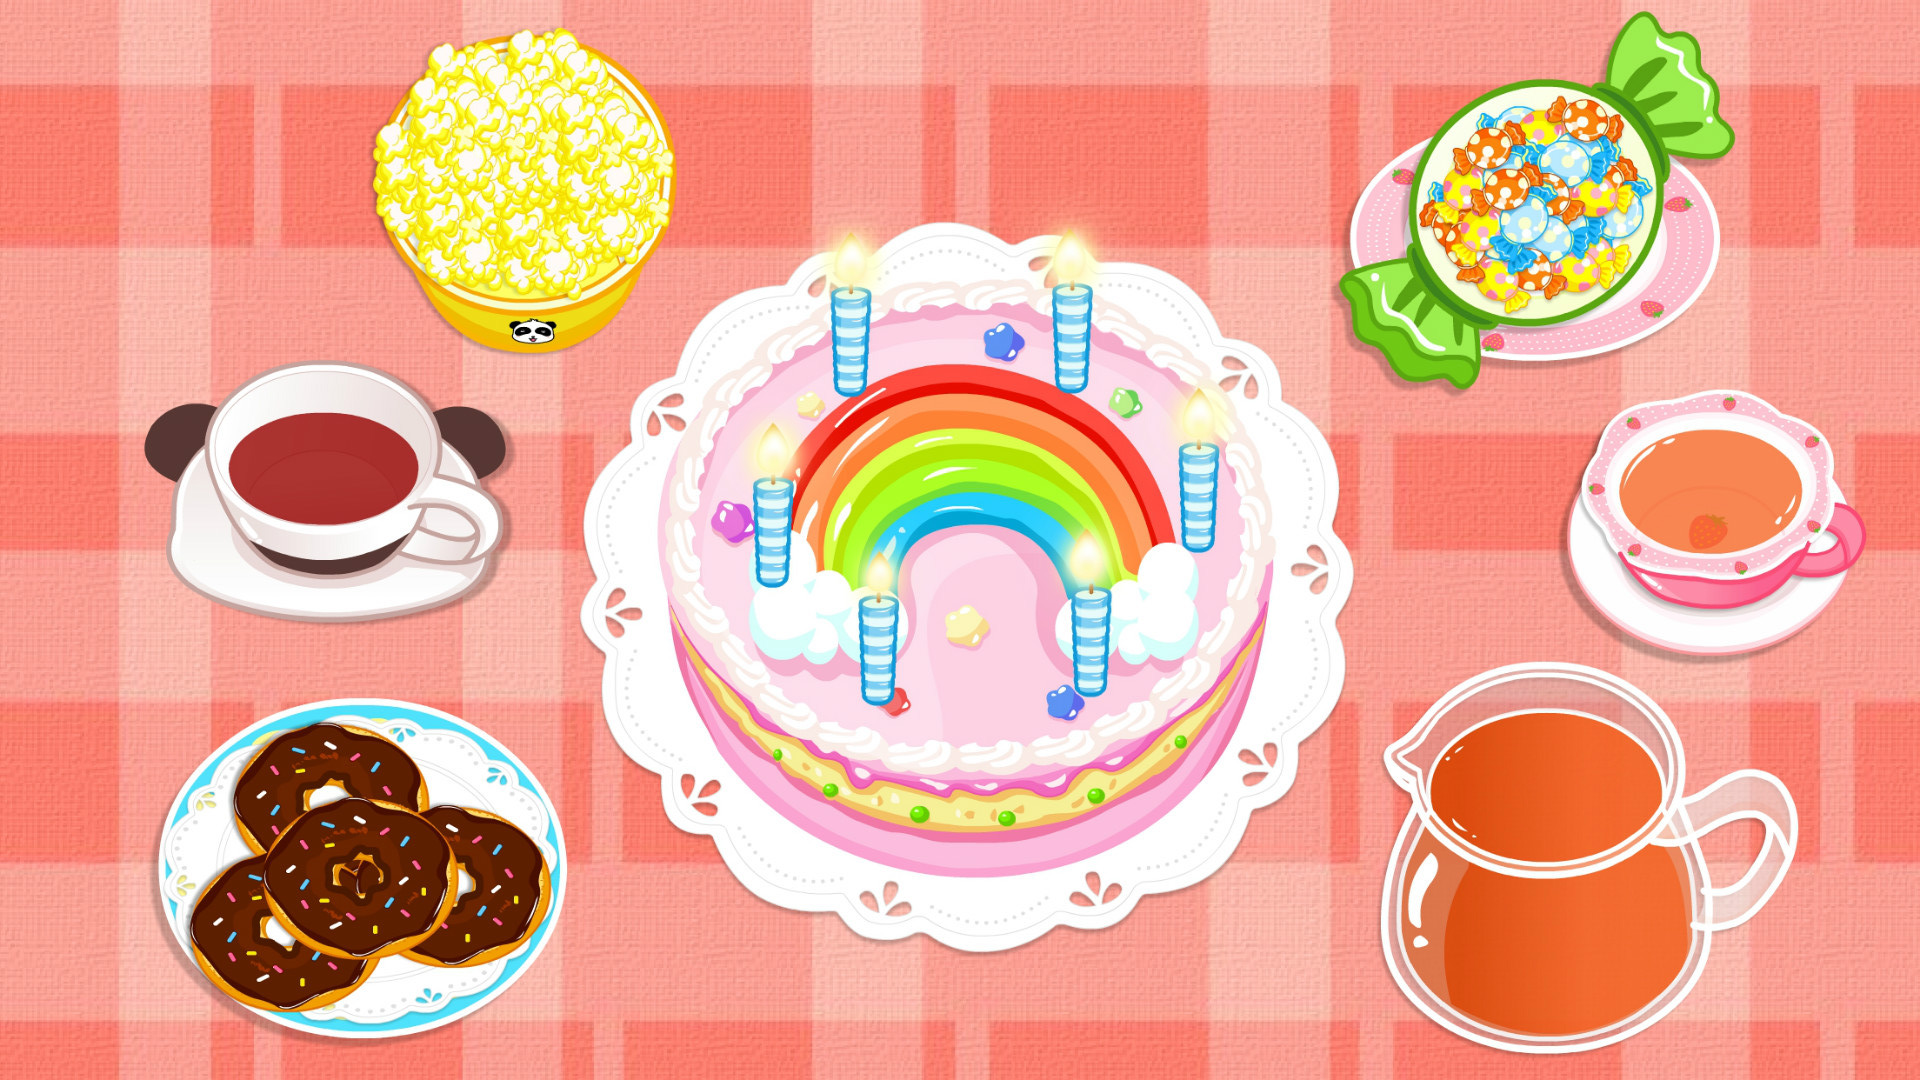 宝宝生日派对 V9.26.00.00 安卓版截图1